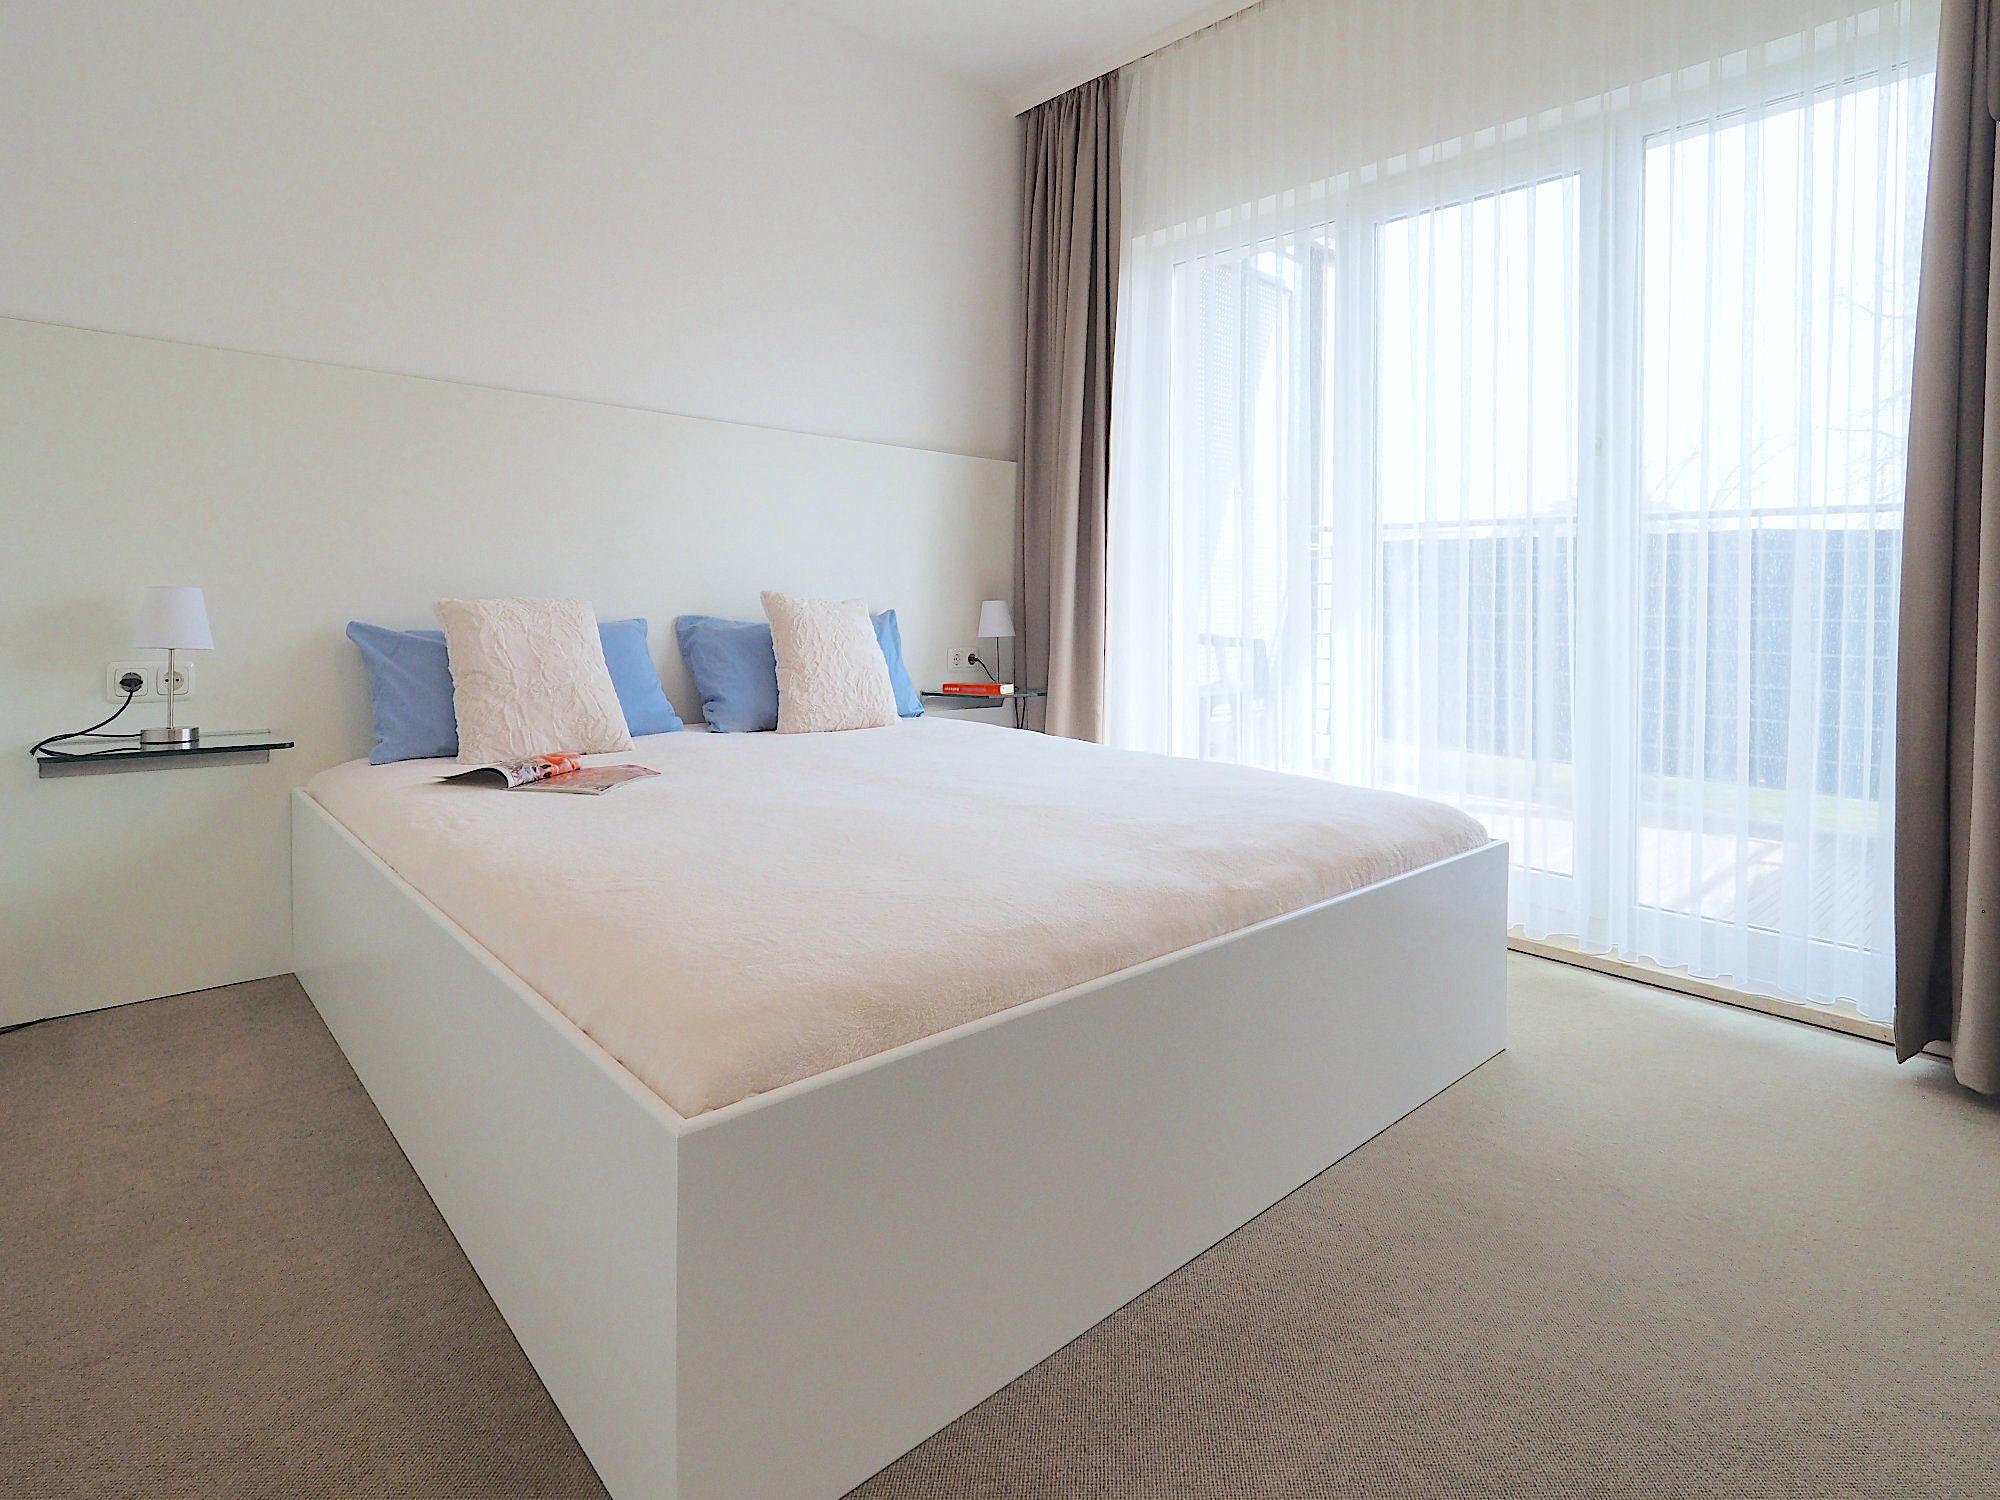 Zweites Schlafzimmer mit Doppelbett, rechts davon bodentiefe Fensterfront